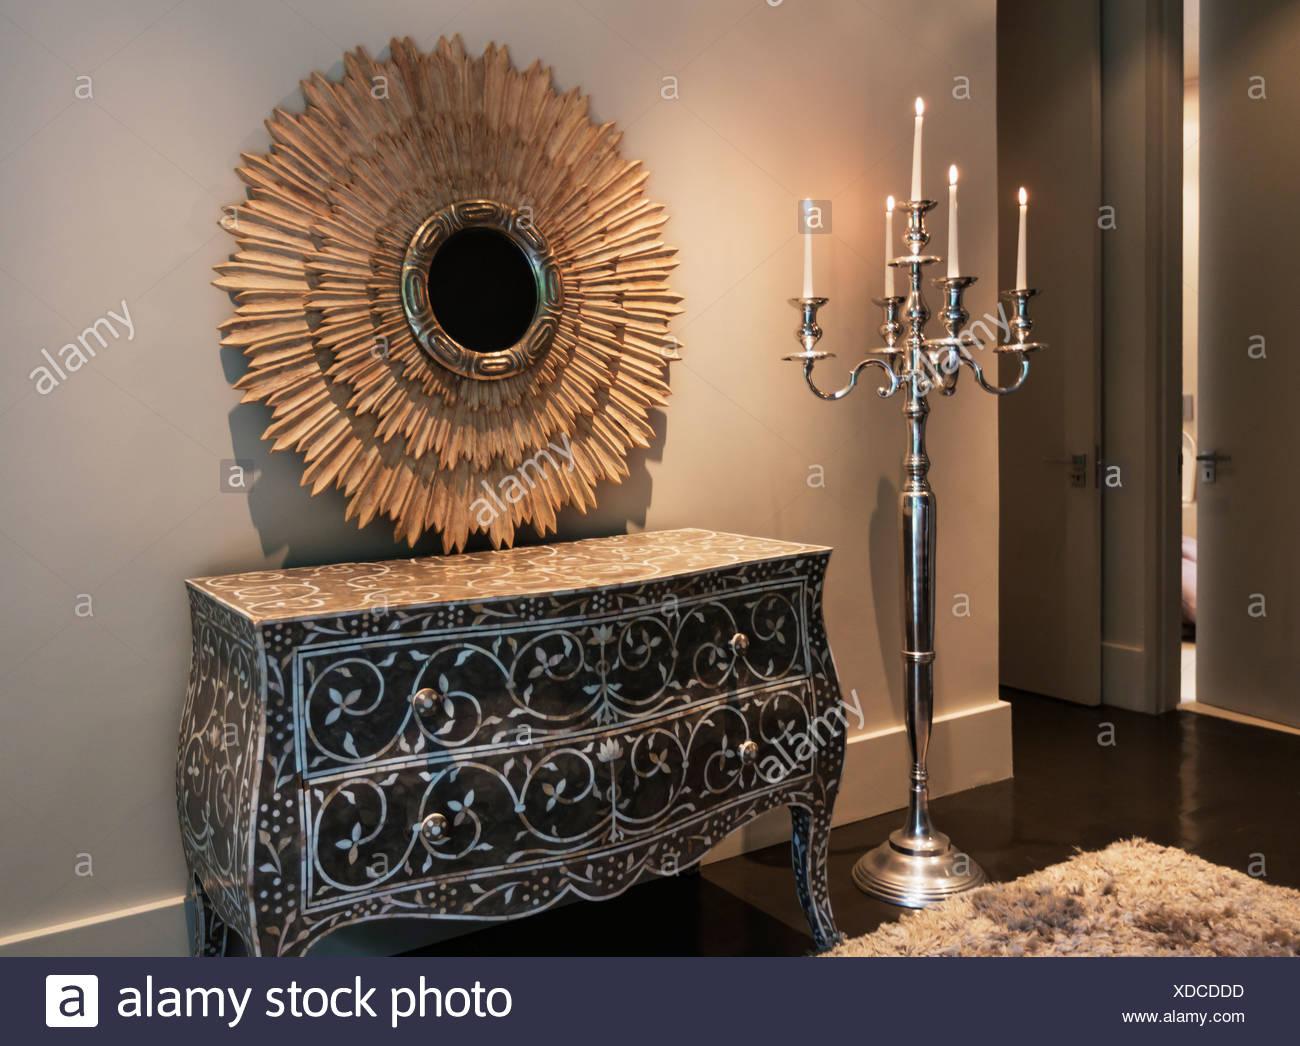 Elegante Kommode Spiegel Und Kerzenleuchter In Luxus Schlafzimmer